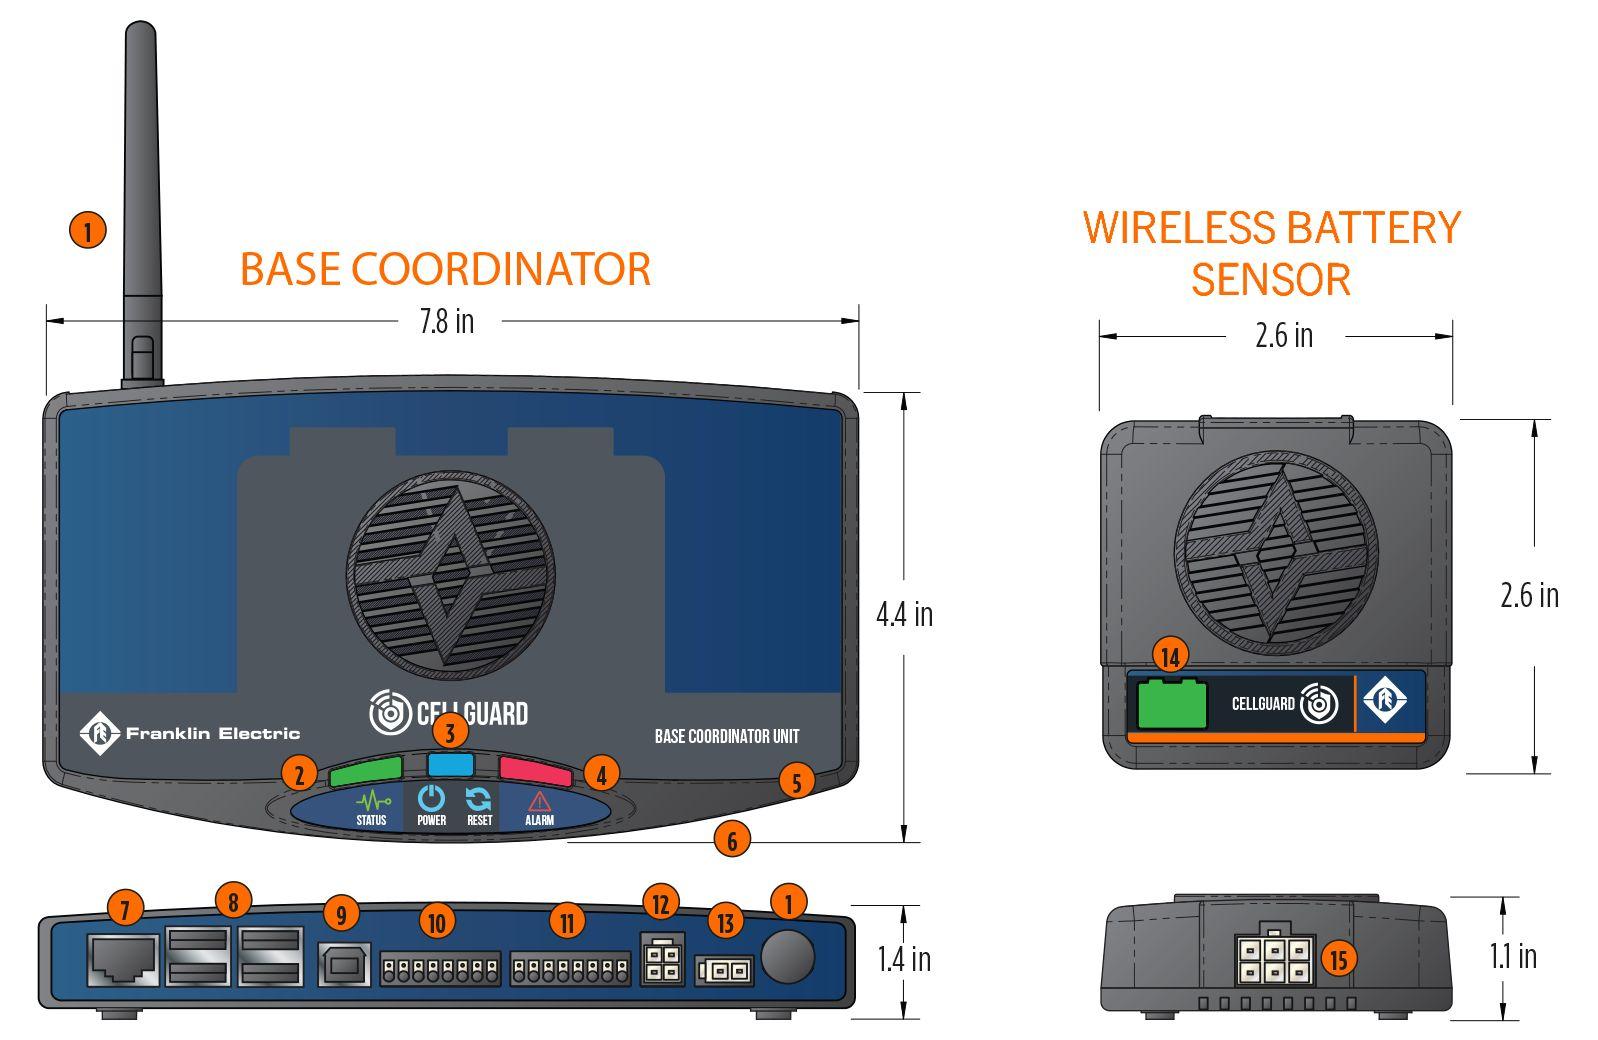 Wireless-BCU-Diagram.psd